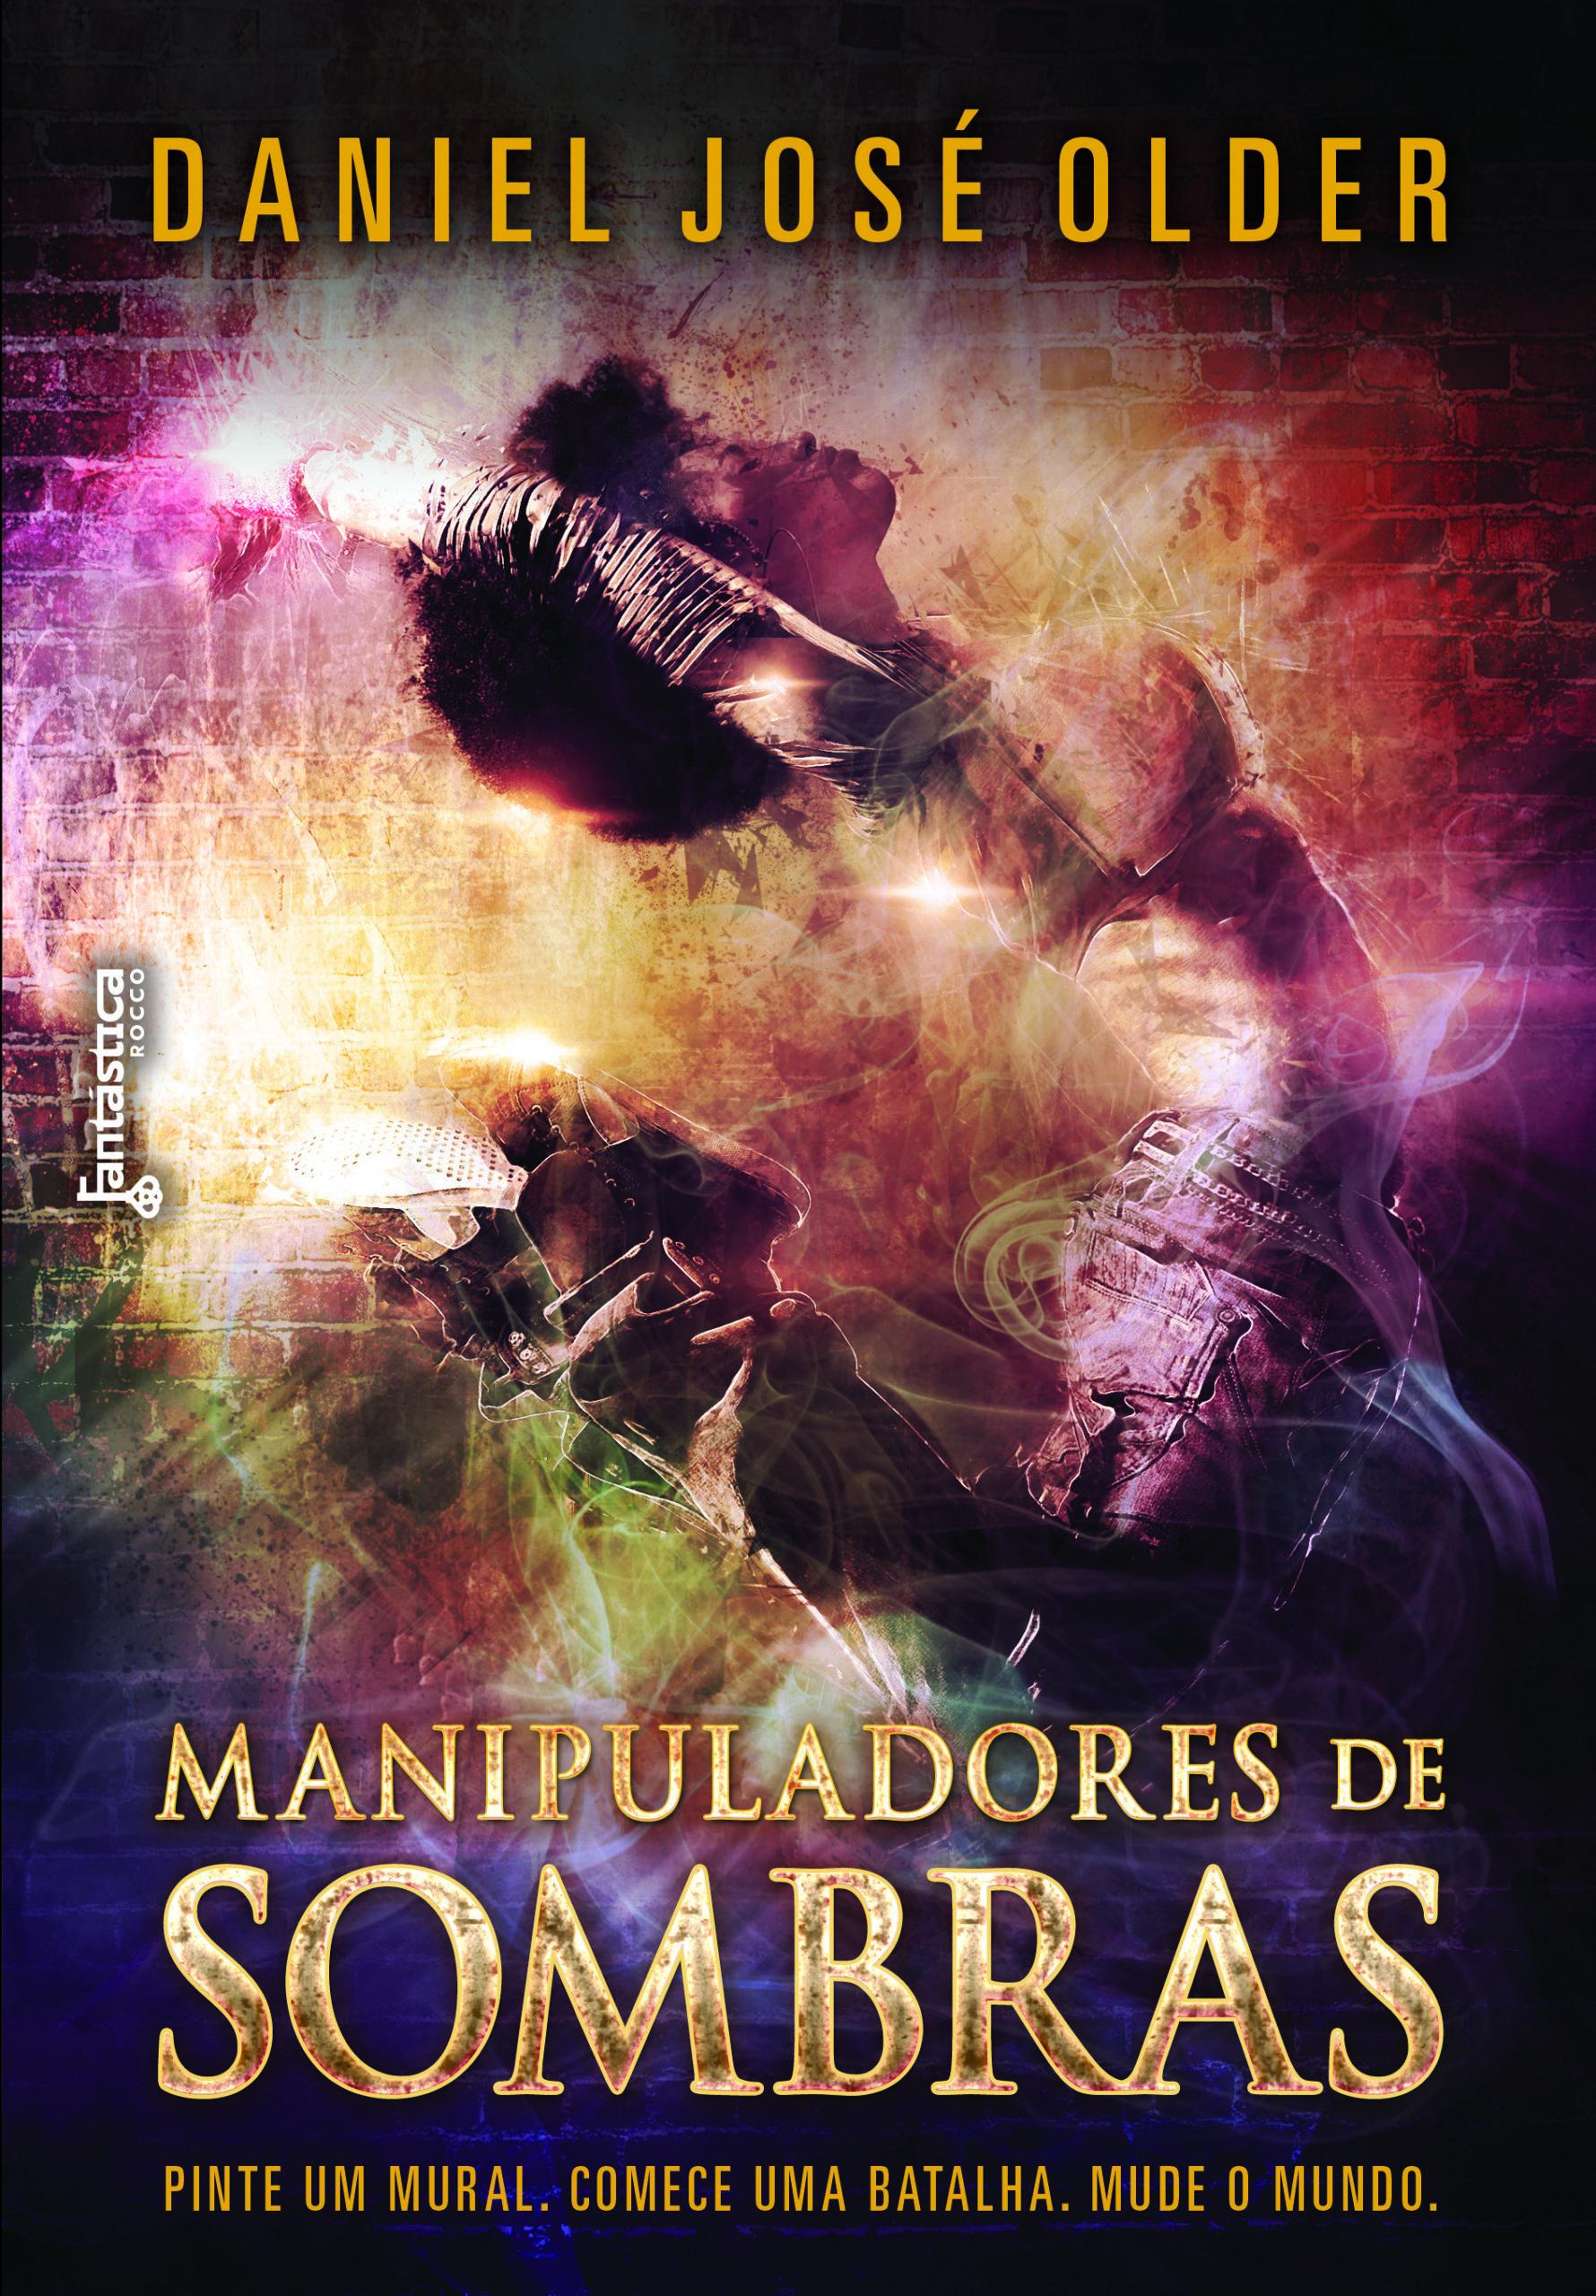 Capa de Manipuladores de sombras